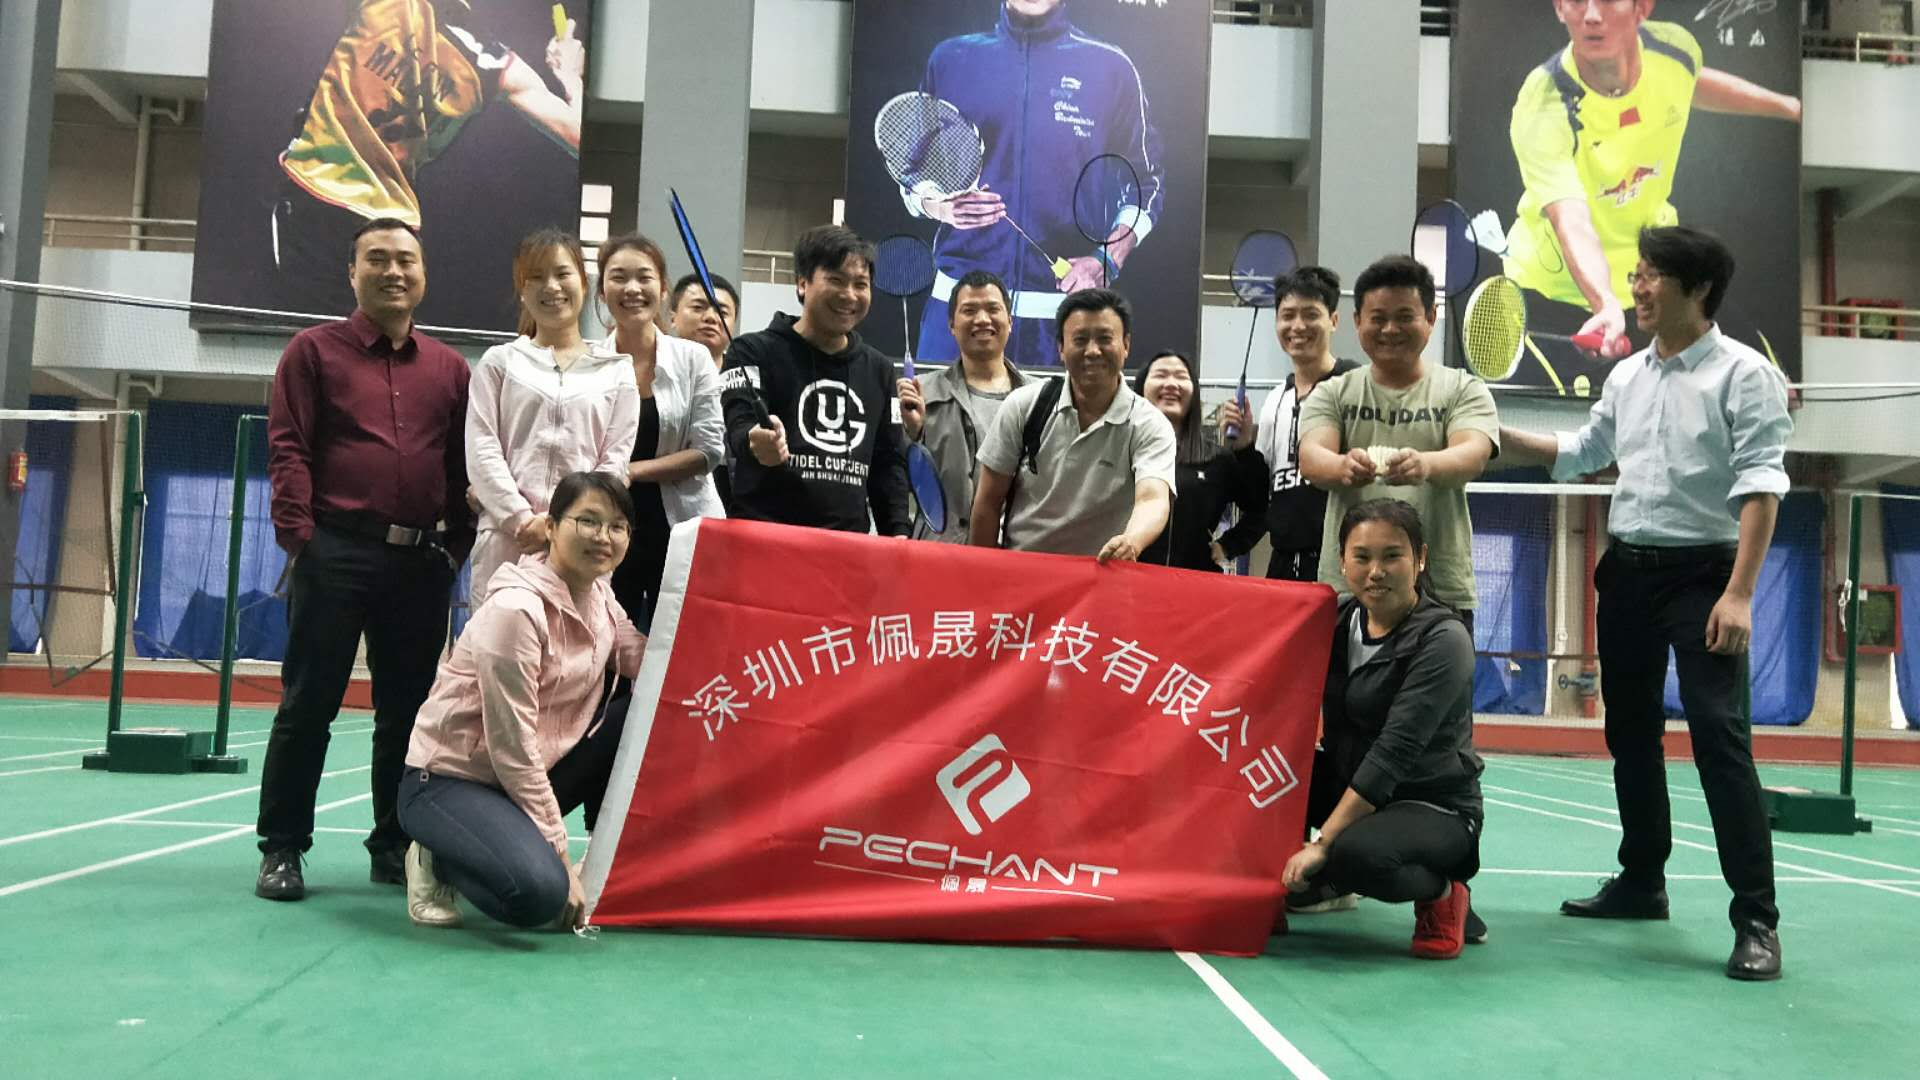 佩晟科技员工春季活动――单双羽毛球竞赛